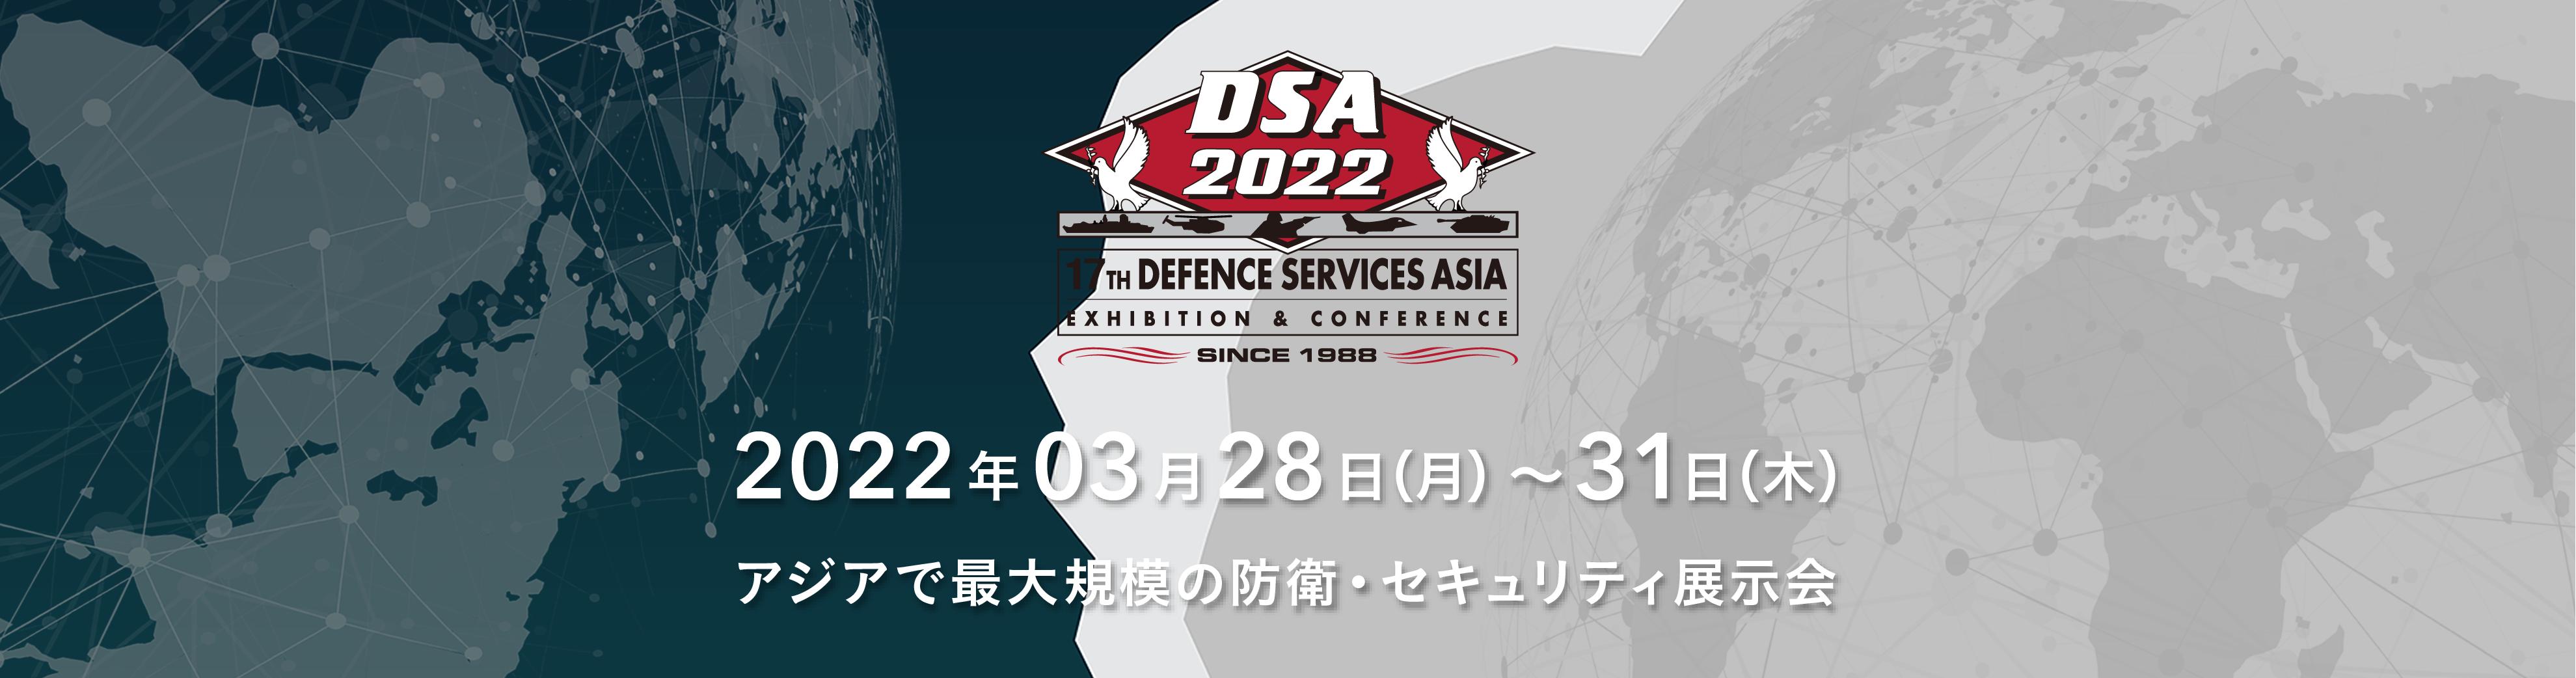 DSA2022